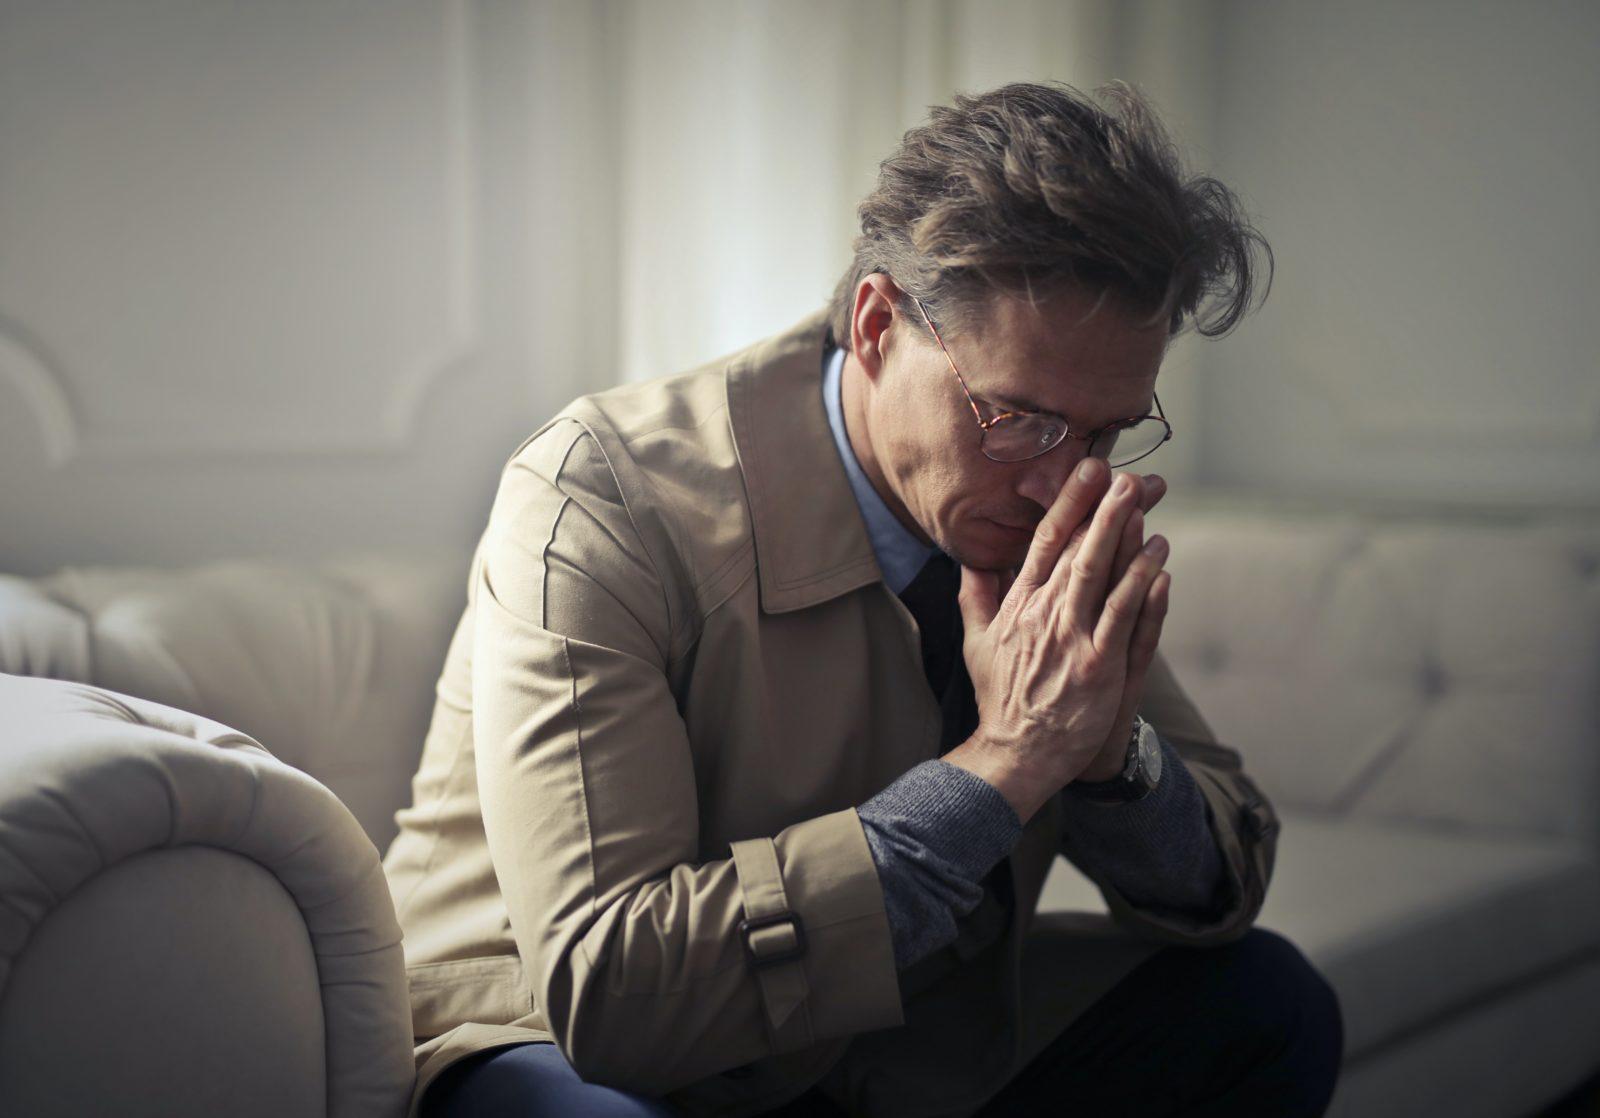 פסיכוטרפיה כטיפול בפוסט טראומה